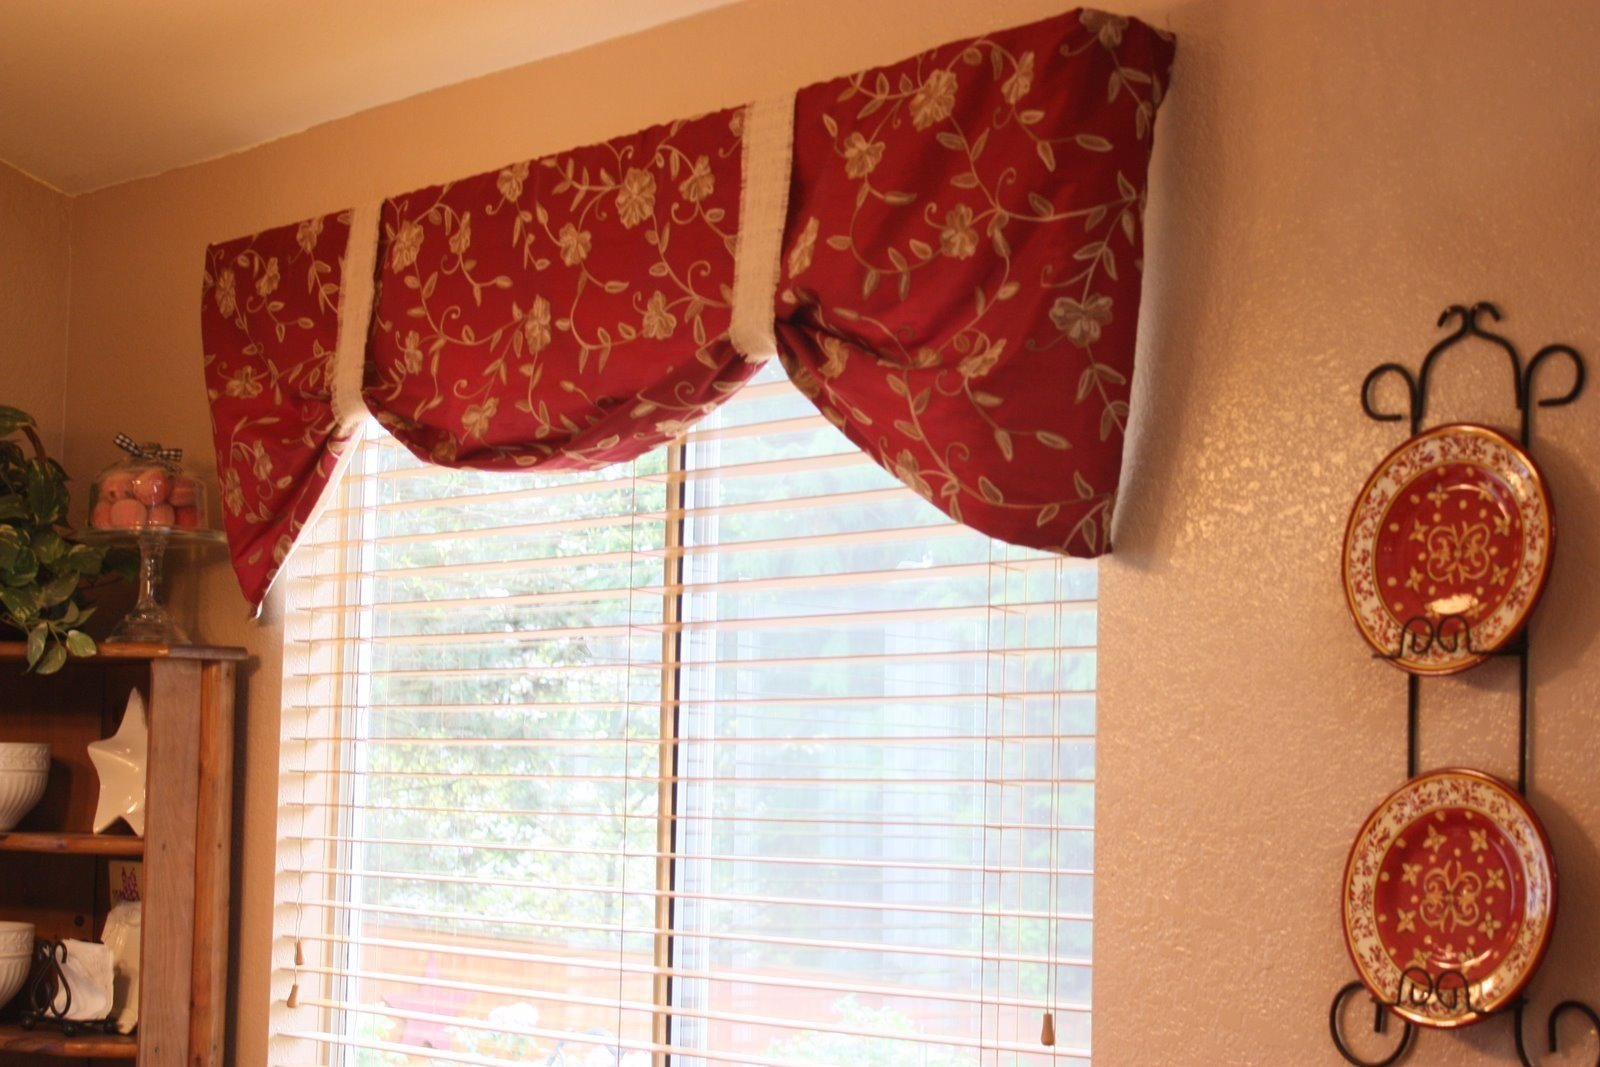 10 Stylish Valance Ideas For Large Windows window valance ideas for large windows all about house design easy 2020